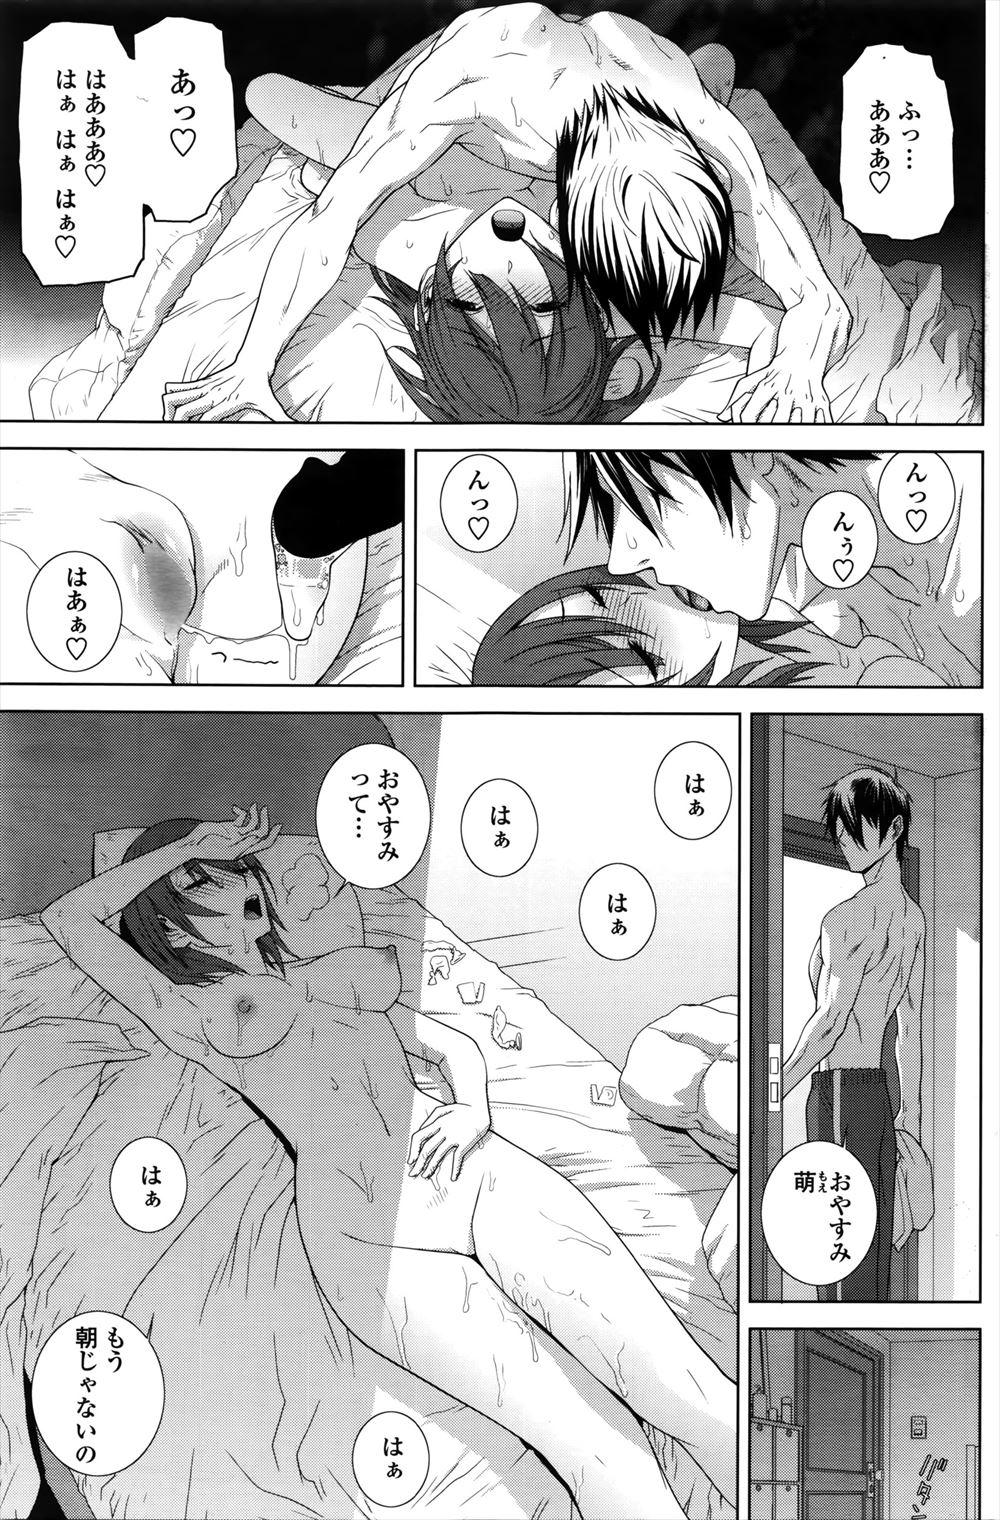 【エロ漫画・エロ同人誌】イケメンお兄ちゃんが巨乳妹と付き合いだして兄妹なのに毎晩朝までエッチしてるw妹が疲れてるから断ろうと思ってもマンコ濡れちゃってるからまた朝まで近親相姦セックスwww